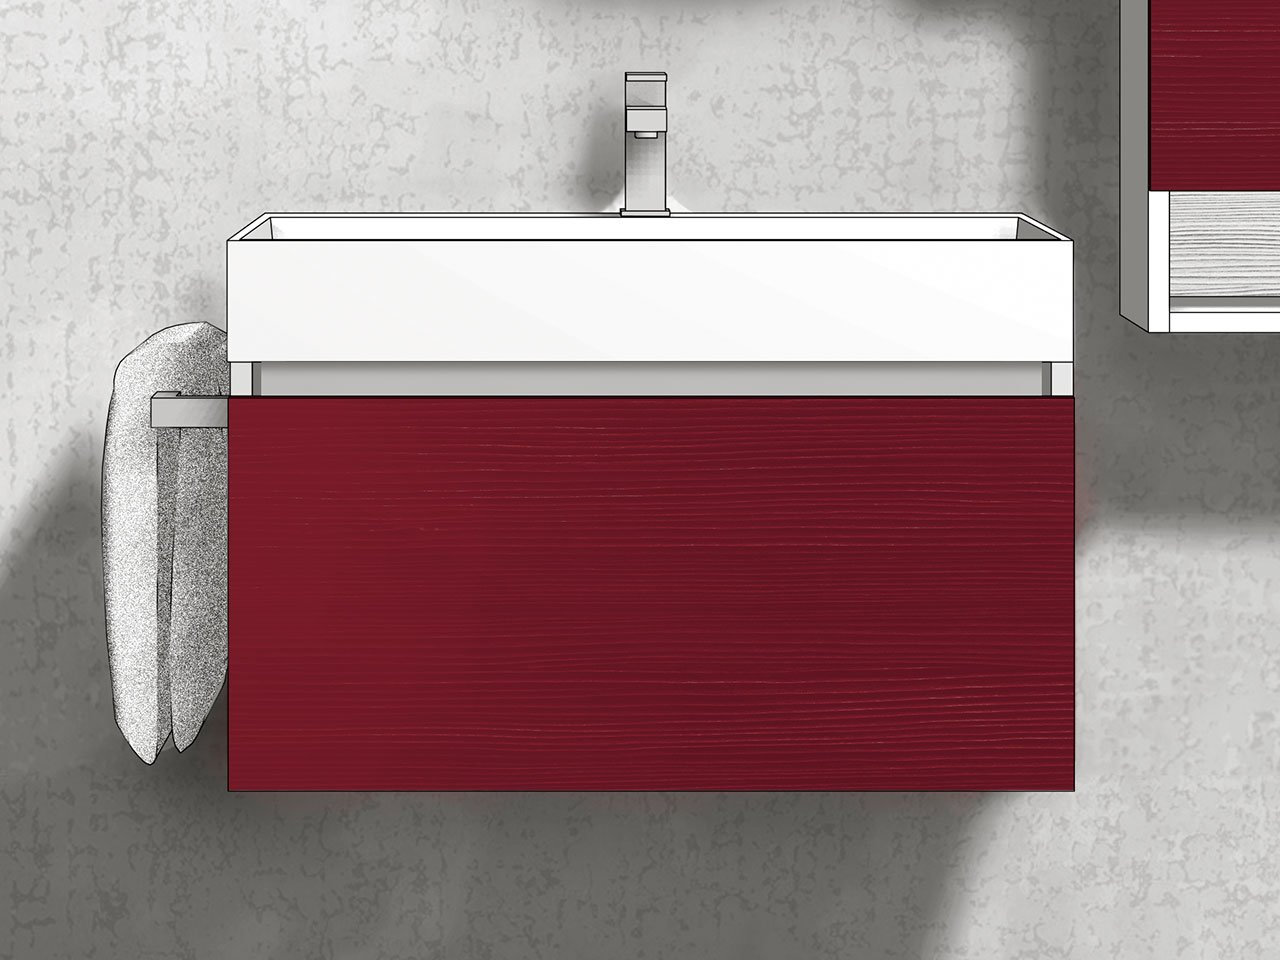 Mobili Bagno Qubo: Home page \ mobili bagno componibili qubo 100 ...